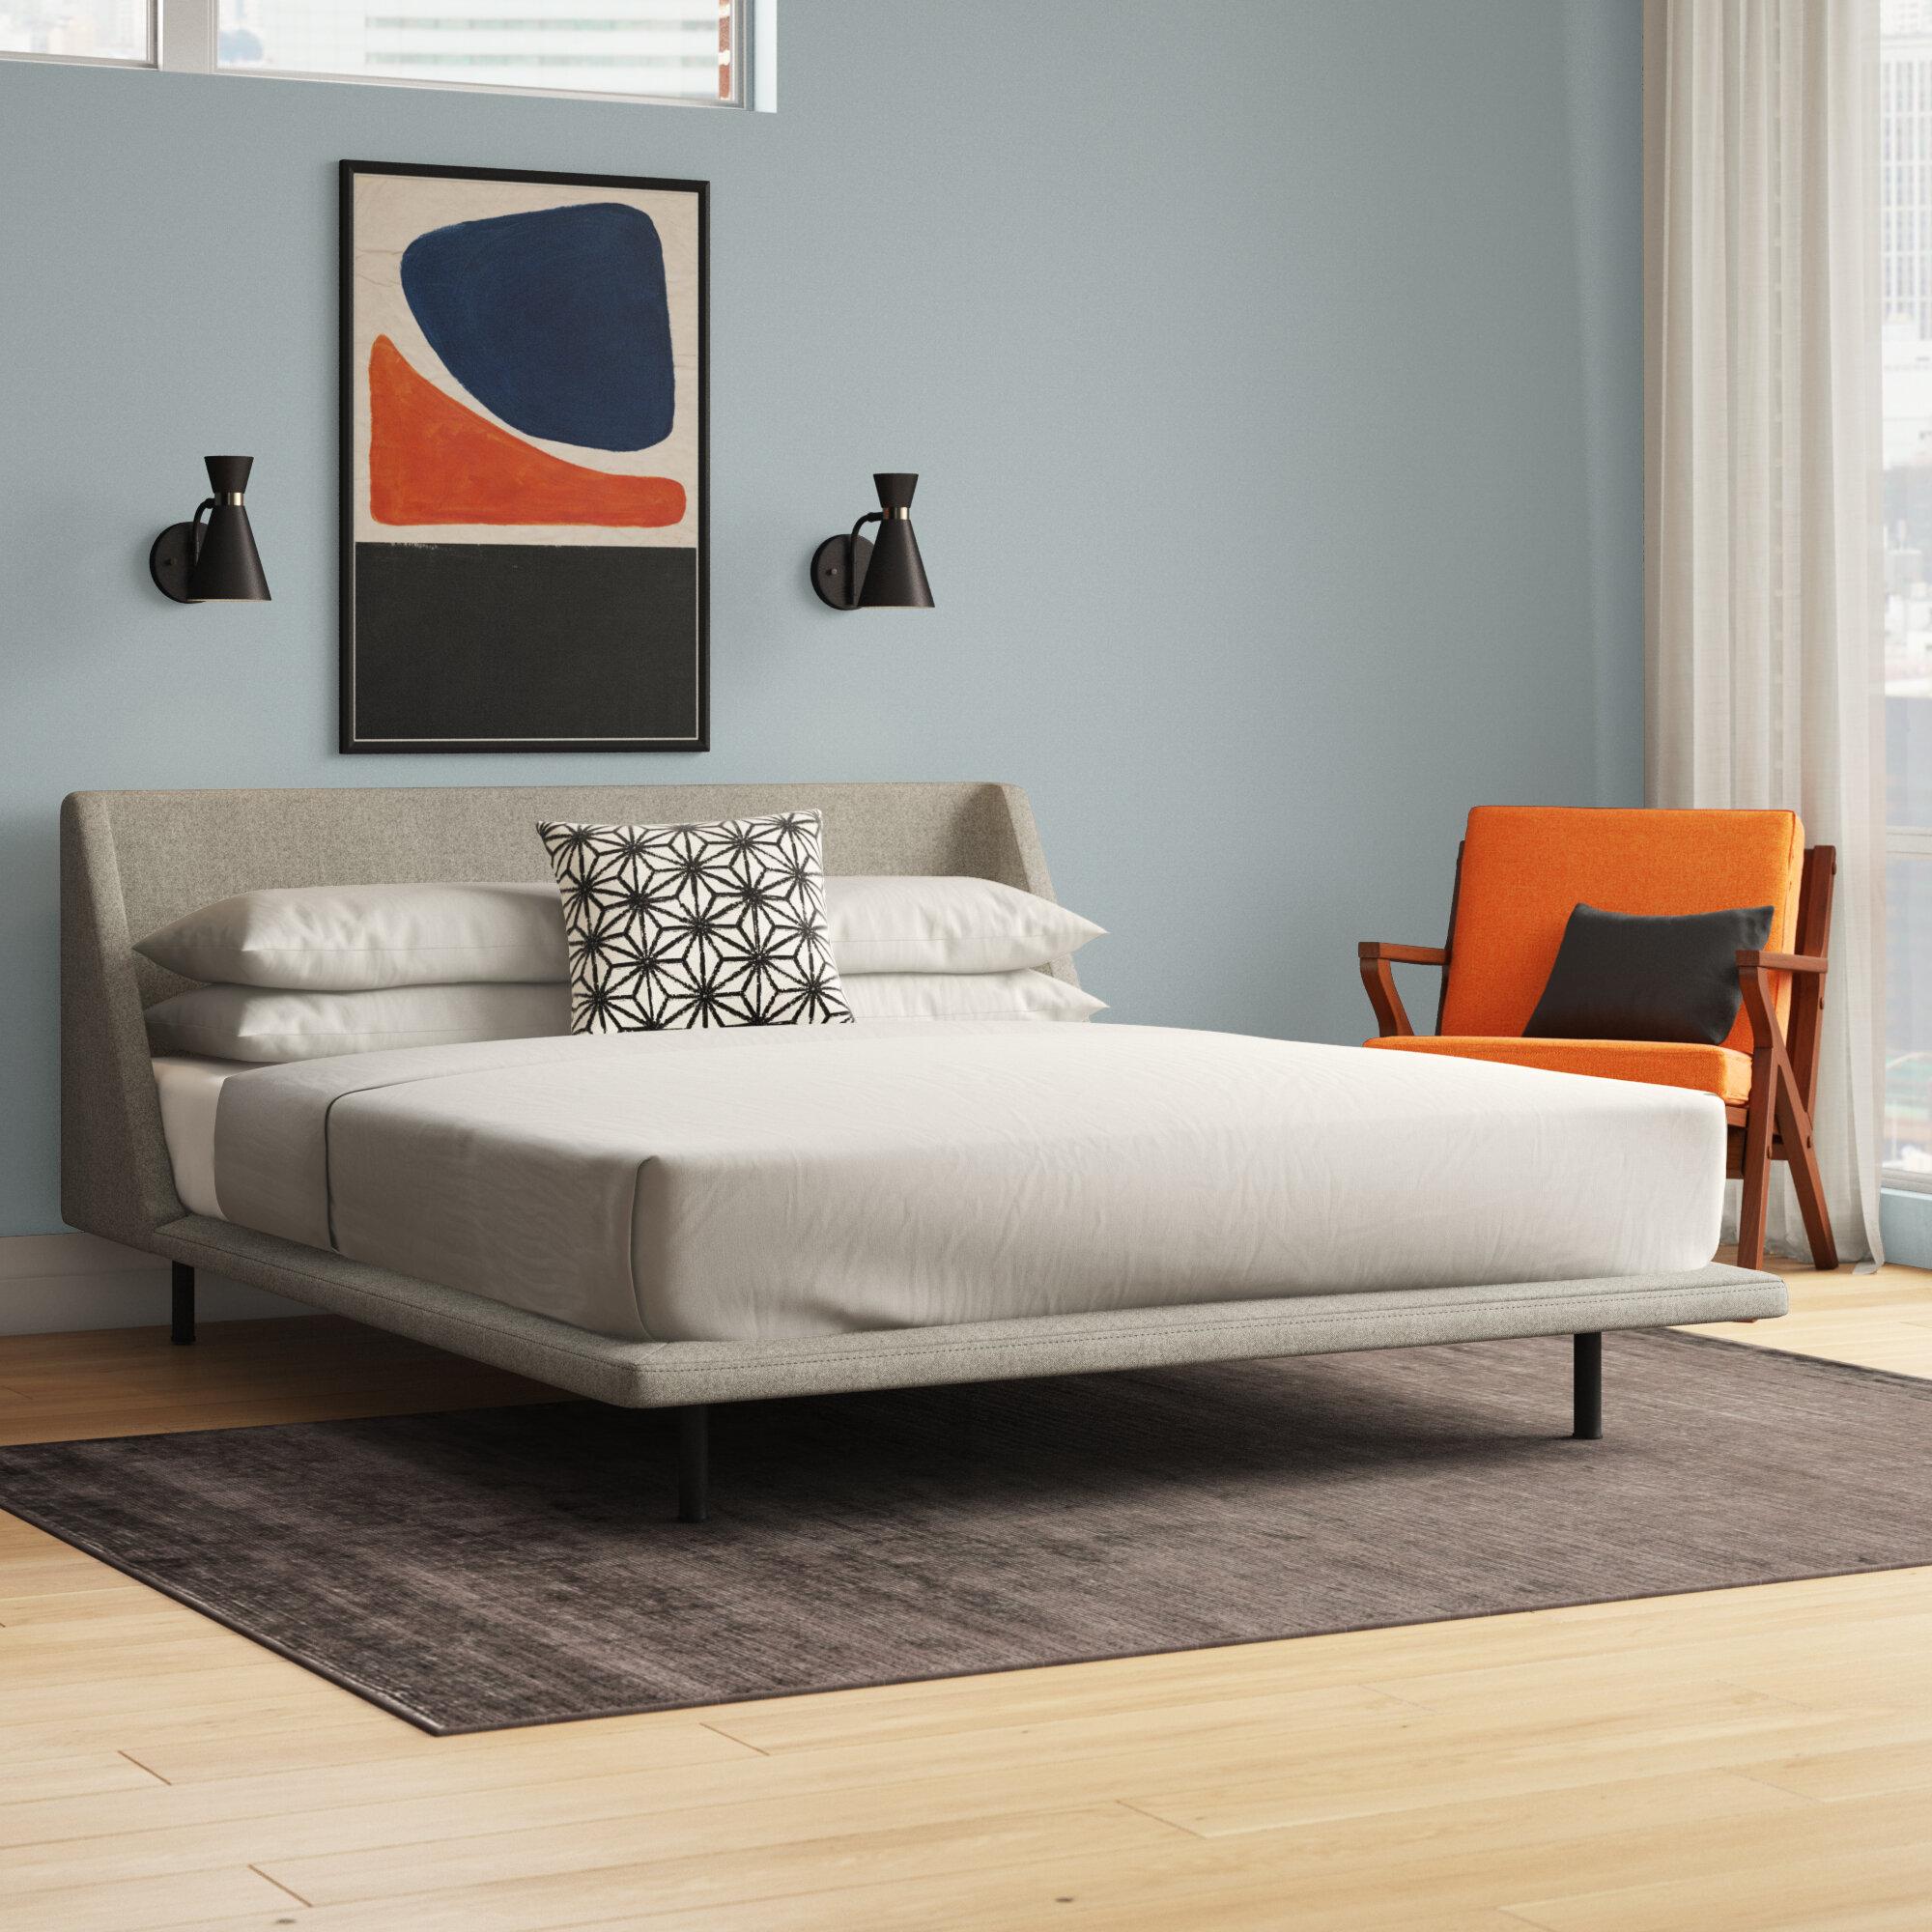 Nook Upholstered Platform Bed Reviews Allmodern